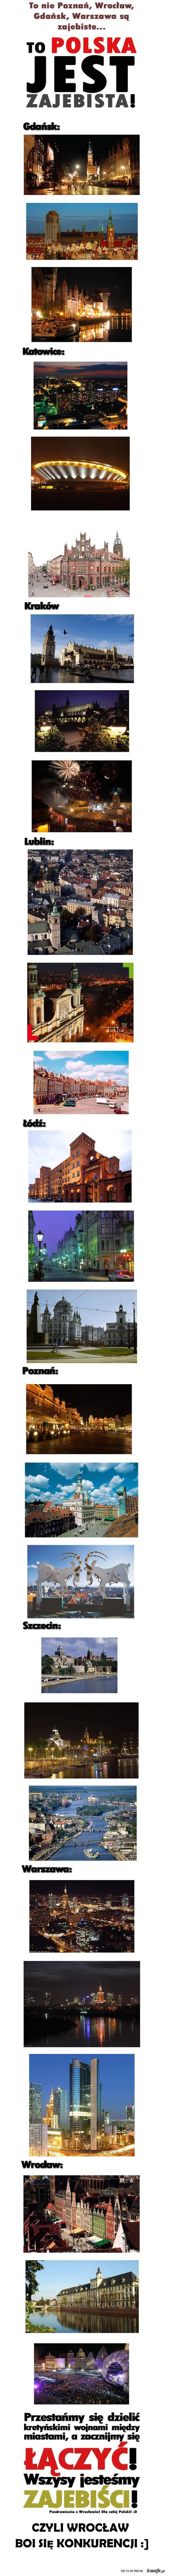 Wrocław wysiada ;)